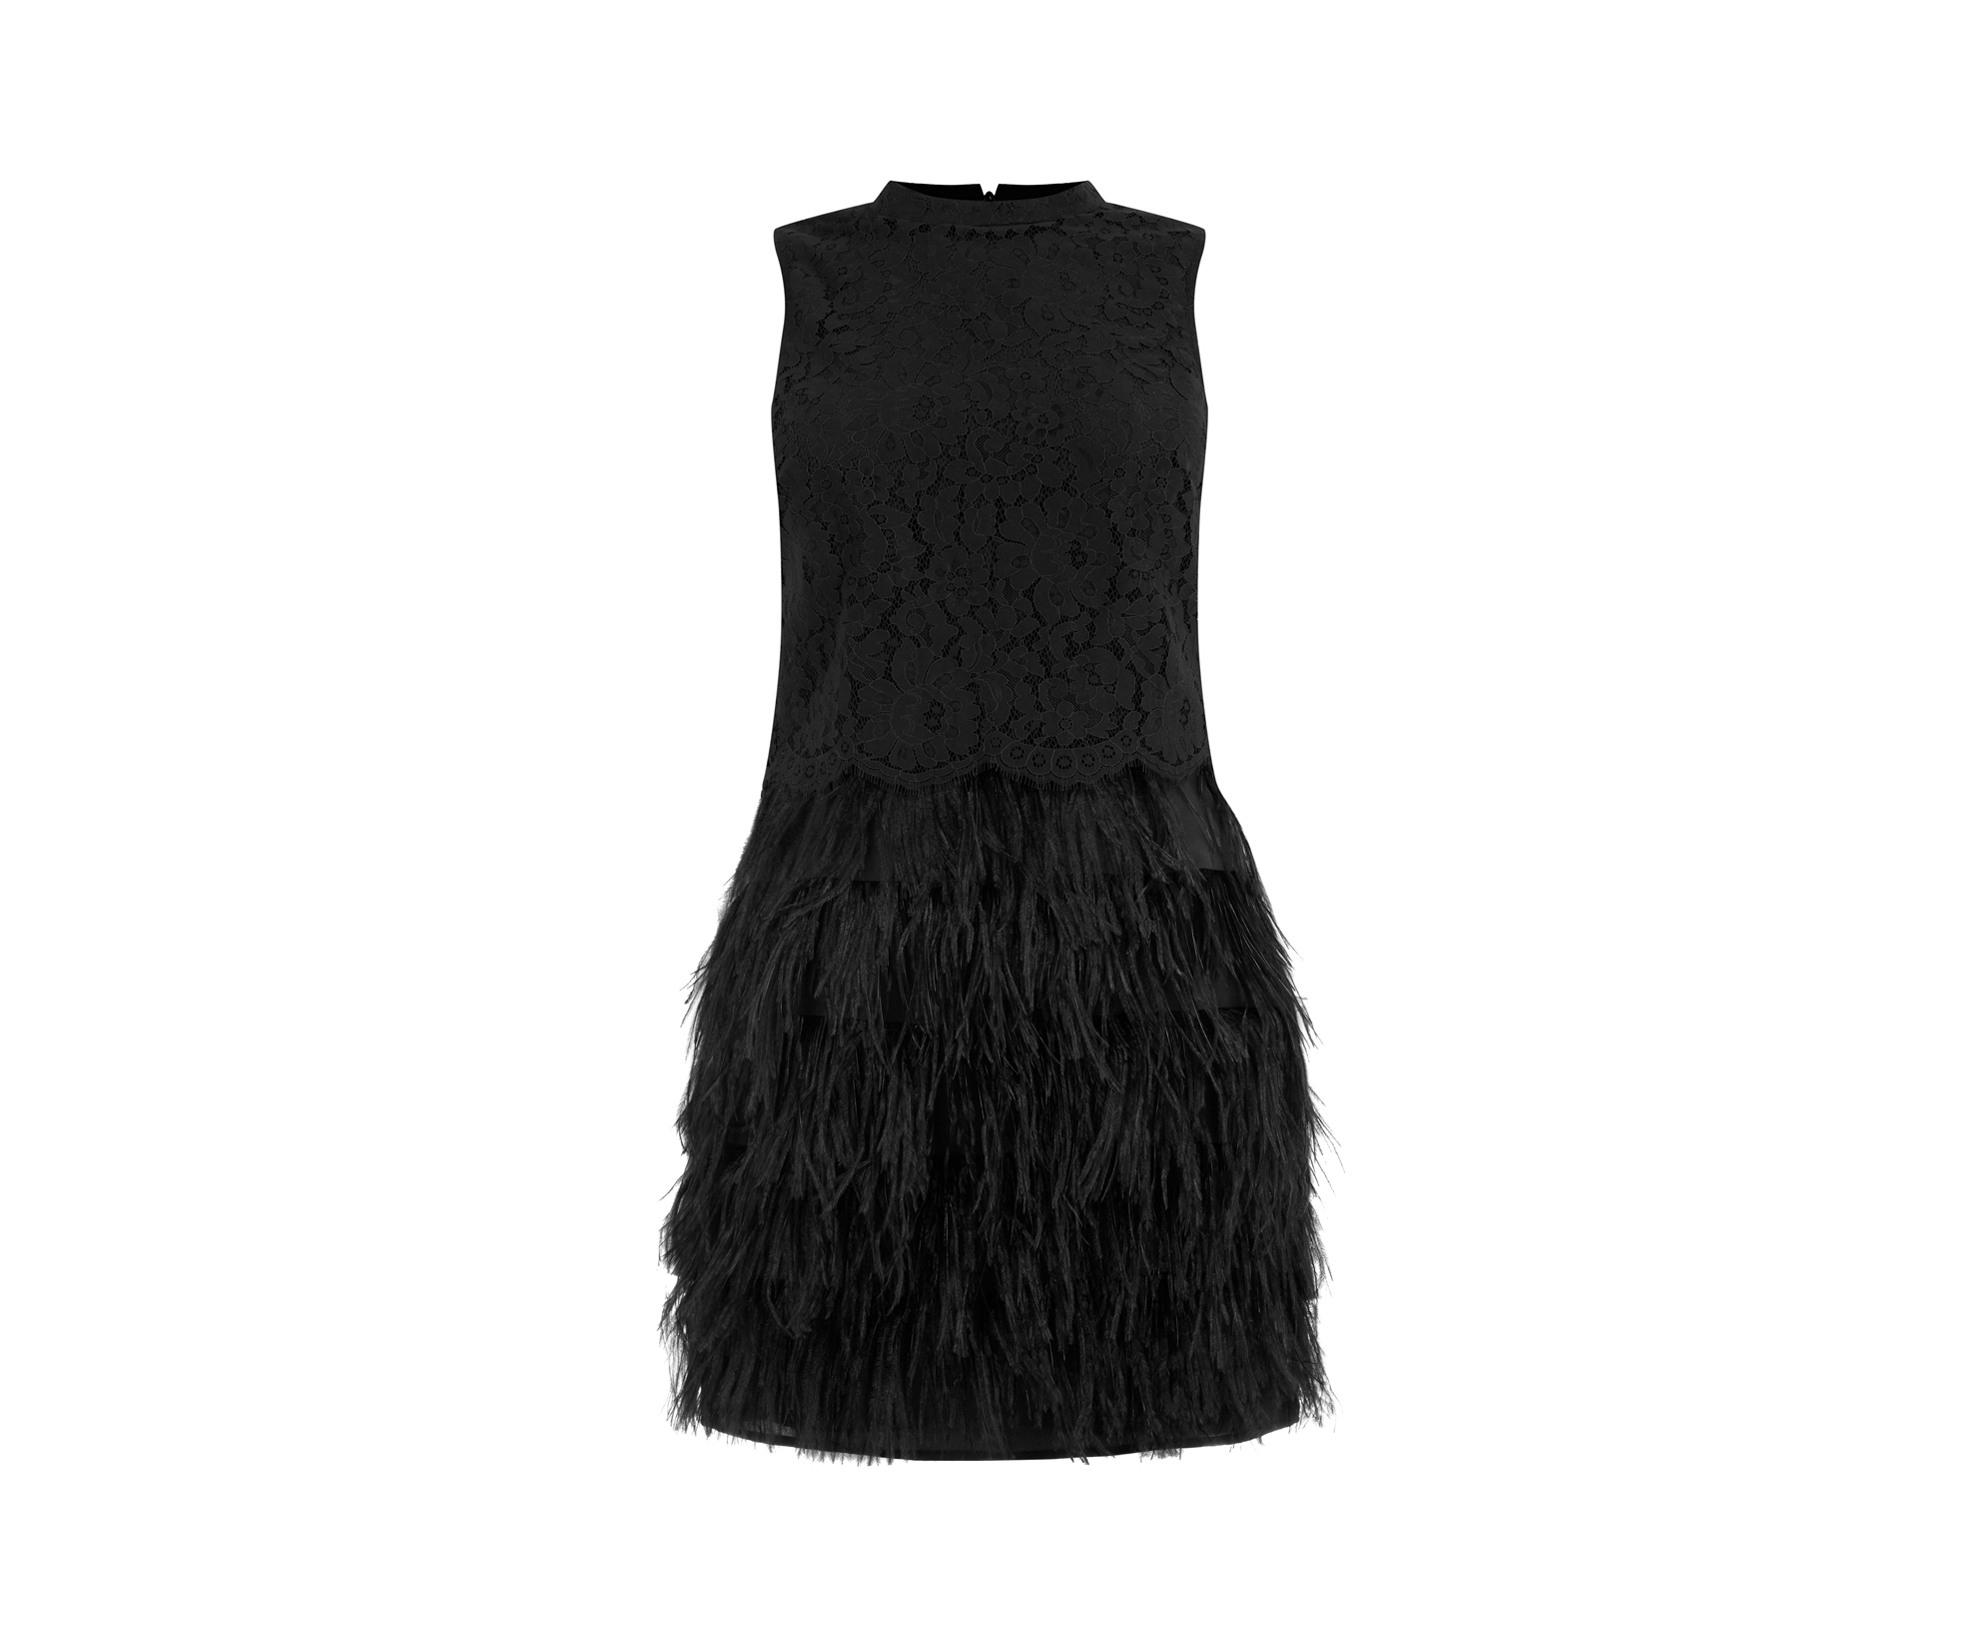 Abend Schön Kleid Mit Federn für 201913 Perfekt Kleid Mit Federn für 2019